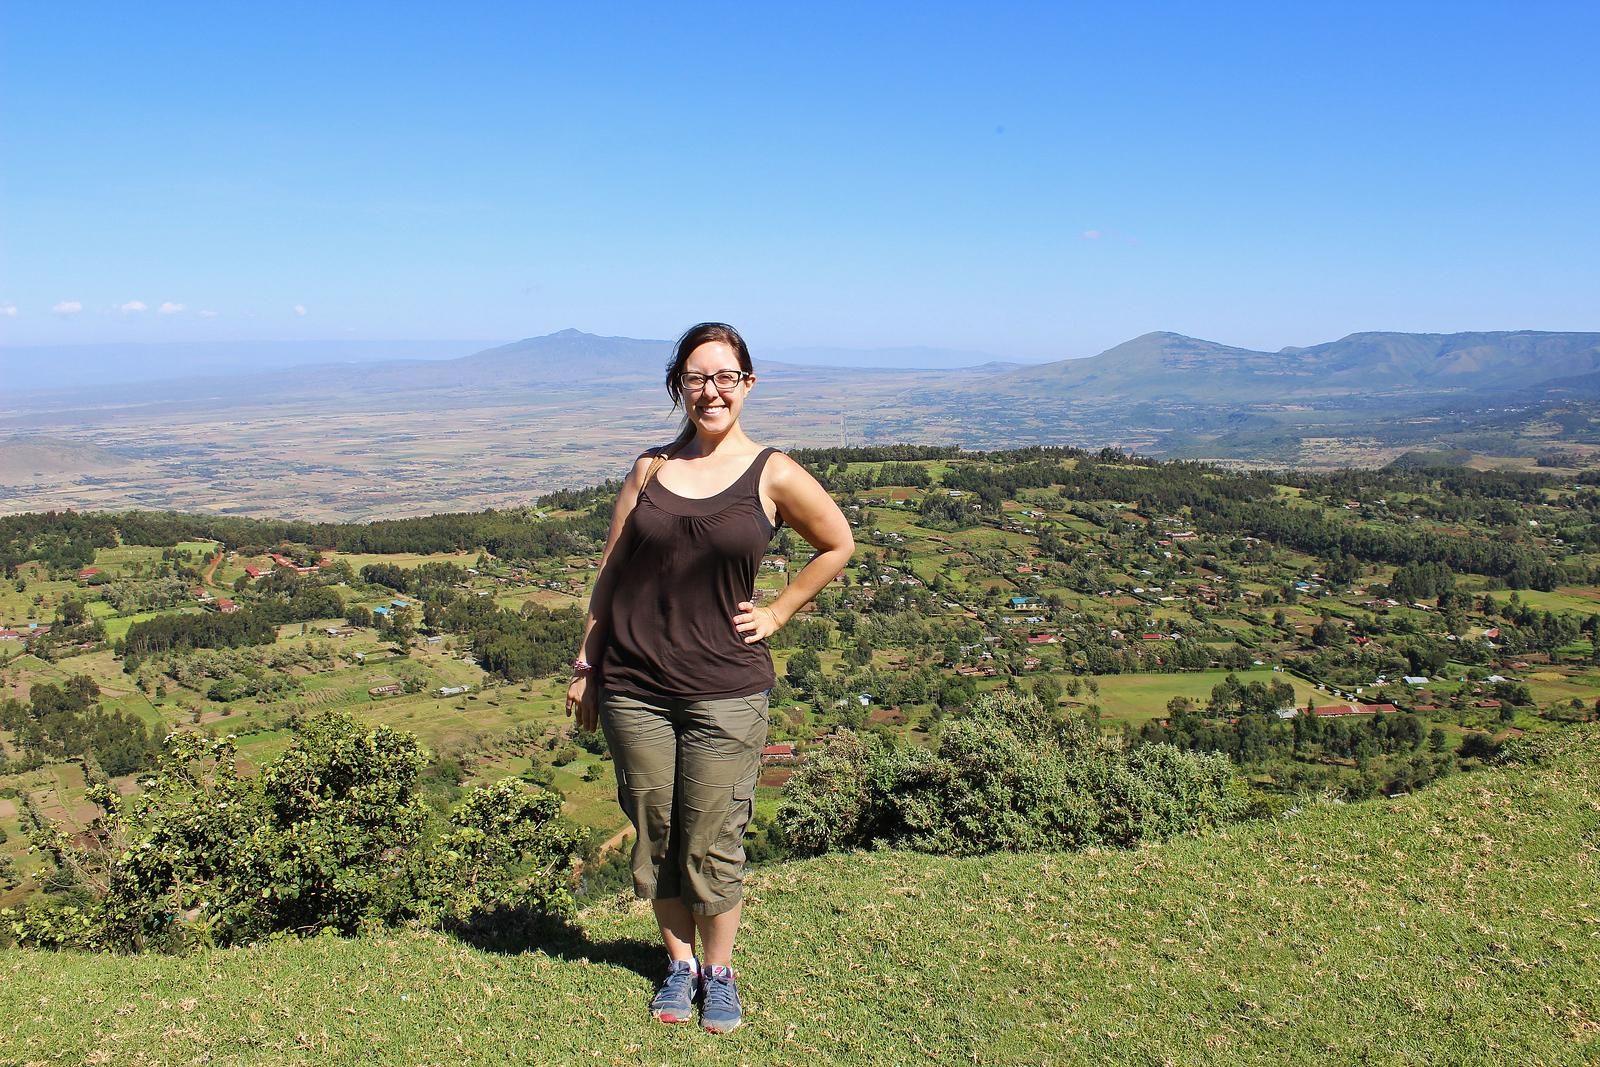 Volunteering in Kenya for Animals